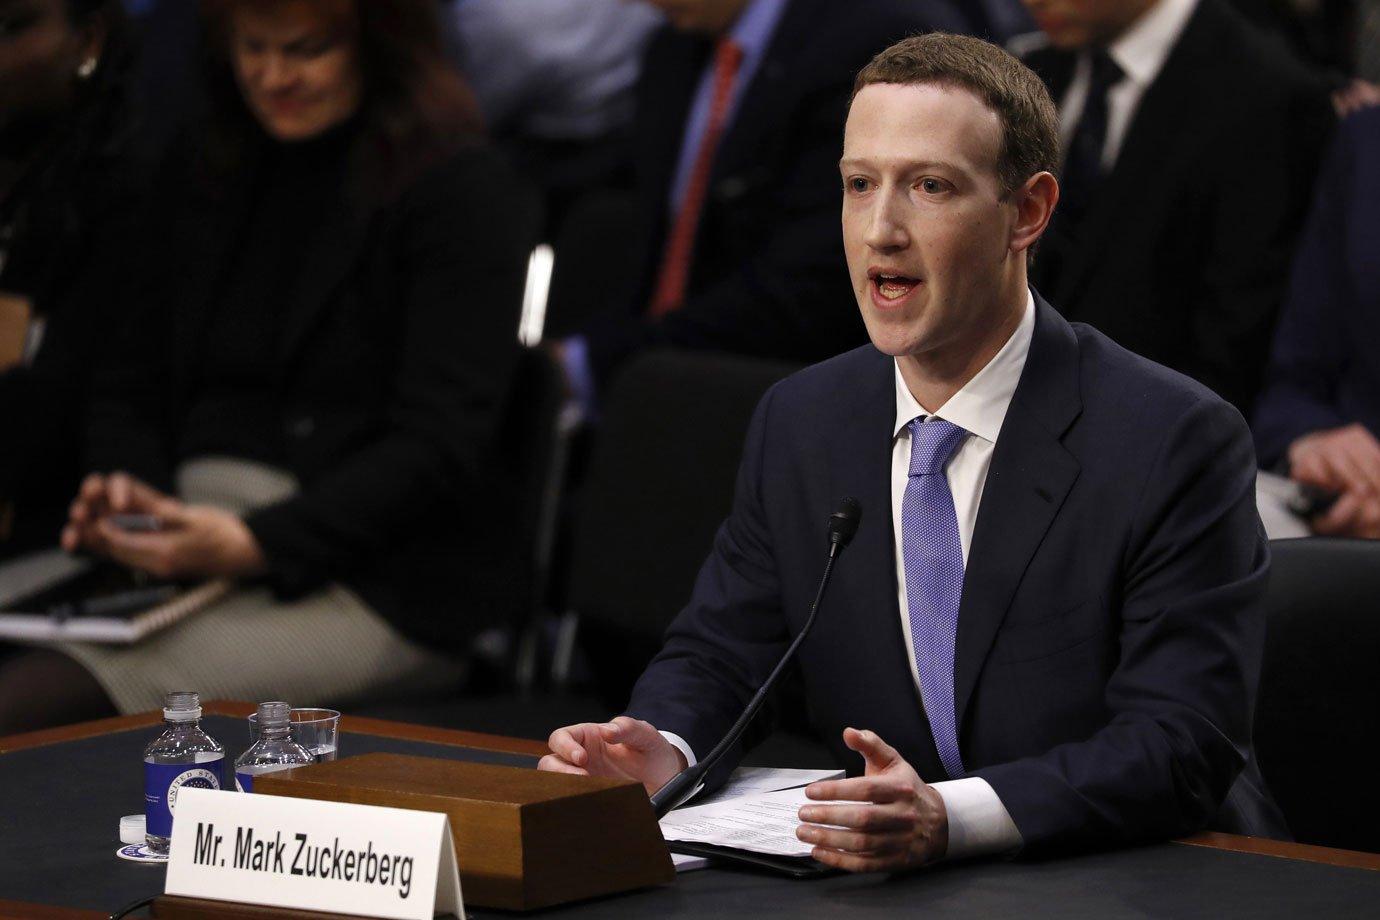 Zuckerberg durante seu depoimento no Congresso dos Estados Unidos, em uma análise pública do vazamento de dados de 87 milhões de usuários para a empresa Cambridge Analytica. Foto: Reuters